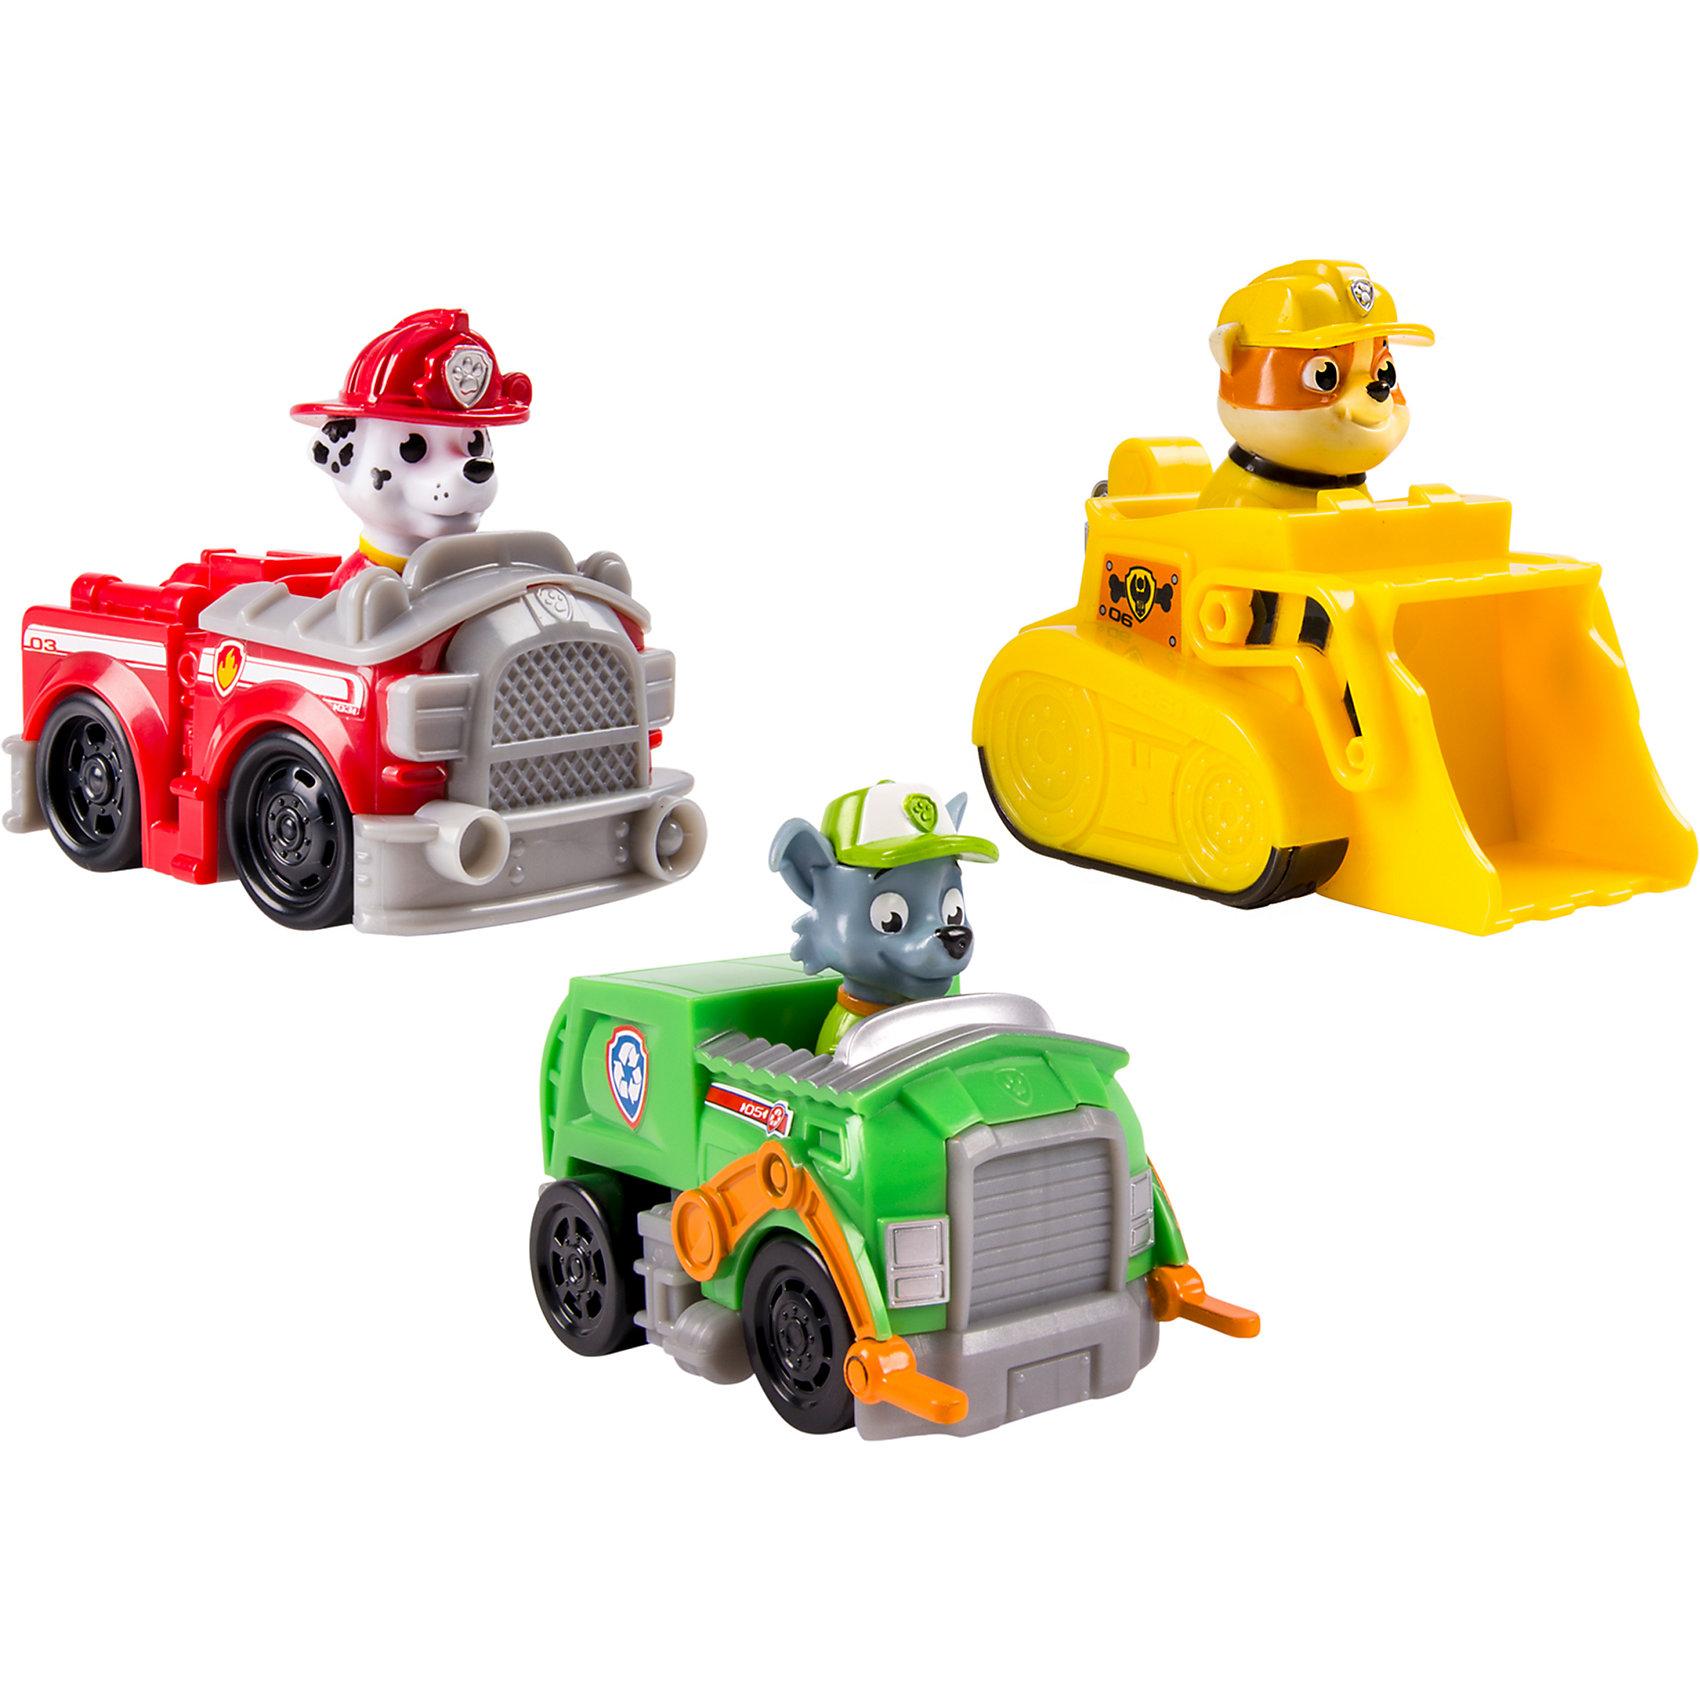 Набор из 3 маленьких машинок, Щенячий патруль, Spin MasterЛюбой юный поклонник мультфильма Paw Patrol (Щенячий патруль) будет рад такому набору . В каждый набор входят 3 машинки со щенками. Игрушки прекрасно детализированы, реалистично раскрашены, очень похожи на героев мультфильма.<br><br>Дополнительная информация:<br><br>- Материал: пластик.<br>- Колёса машинок вращаются.<br>- Длина машинок: 10 см.<br>- Фигурка щенка не снимается с машинки.<br>- Набор в ассортименте.<br>ВНИМАНИЕ! Данный артикул представлен в разных вариантах исполнения. К сожалению, заранее выбрать определенный вариант невозможно. При заказе нескольких наборов, возможно получение одинаковых.<br><br>Набор из 3 маленьких машинок, Щенячий патруль, Spin Master (Спин Мастер) можно купить в нашем магазине.<br><br>Ширина мм: 288<br>Глубина мм: 144<br>Высота мм: 81<br>Вес г: 327<br>Возраст от месяцев: 36<br>Возраст до месяцев: 60<br>Пол: Унисекс<br>Возраст: Детский<br>SKU: 3894437